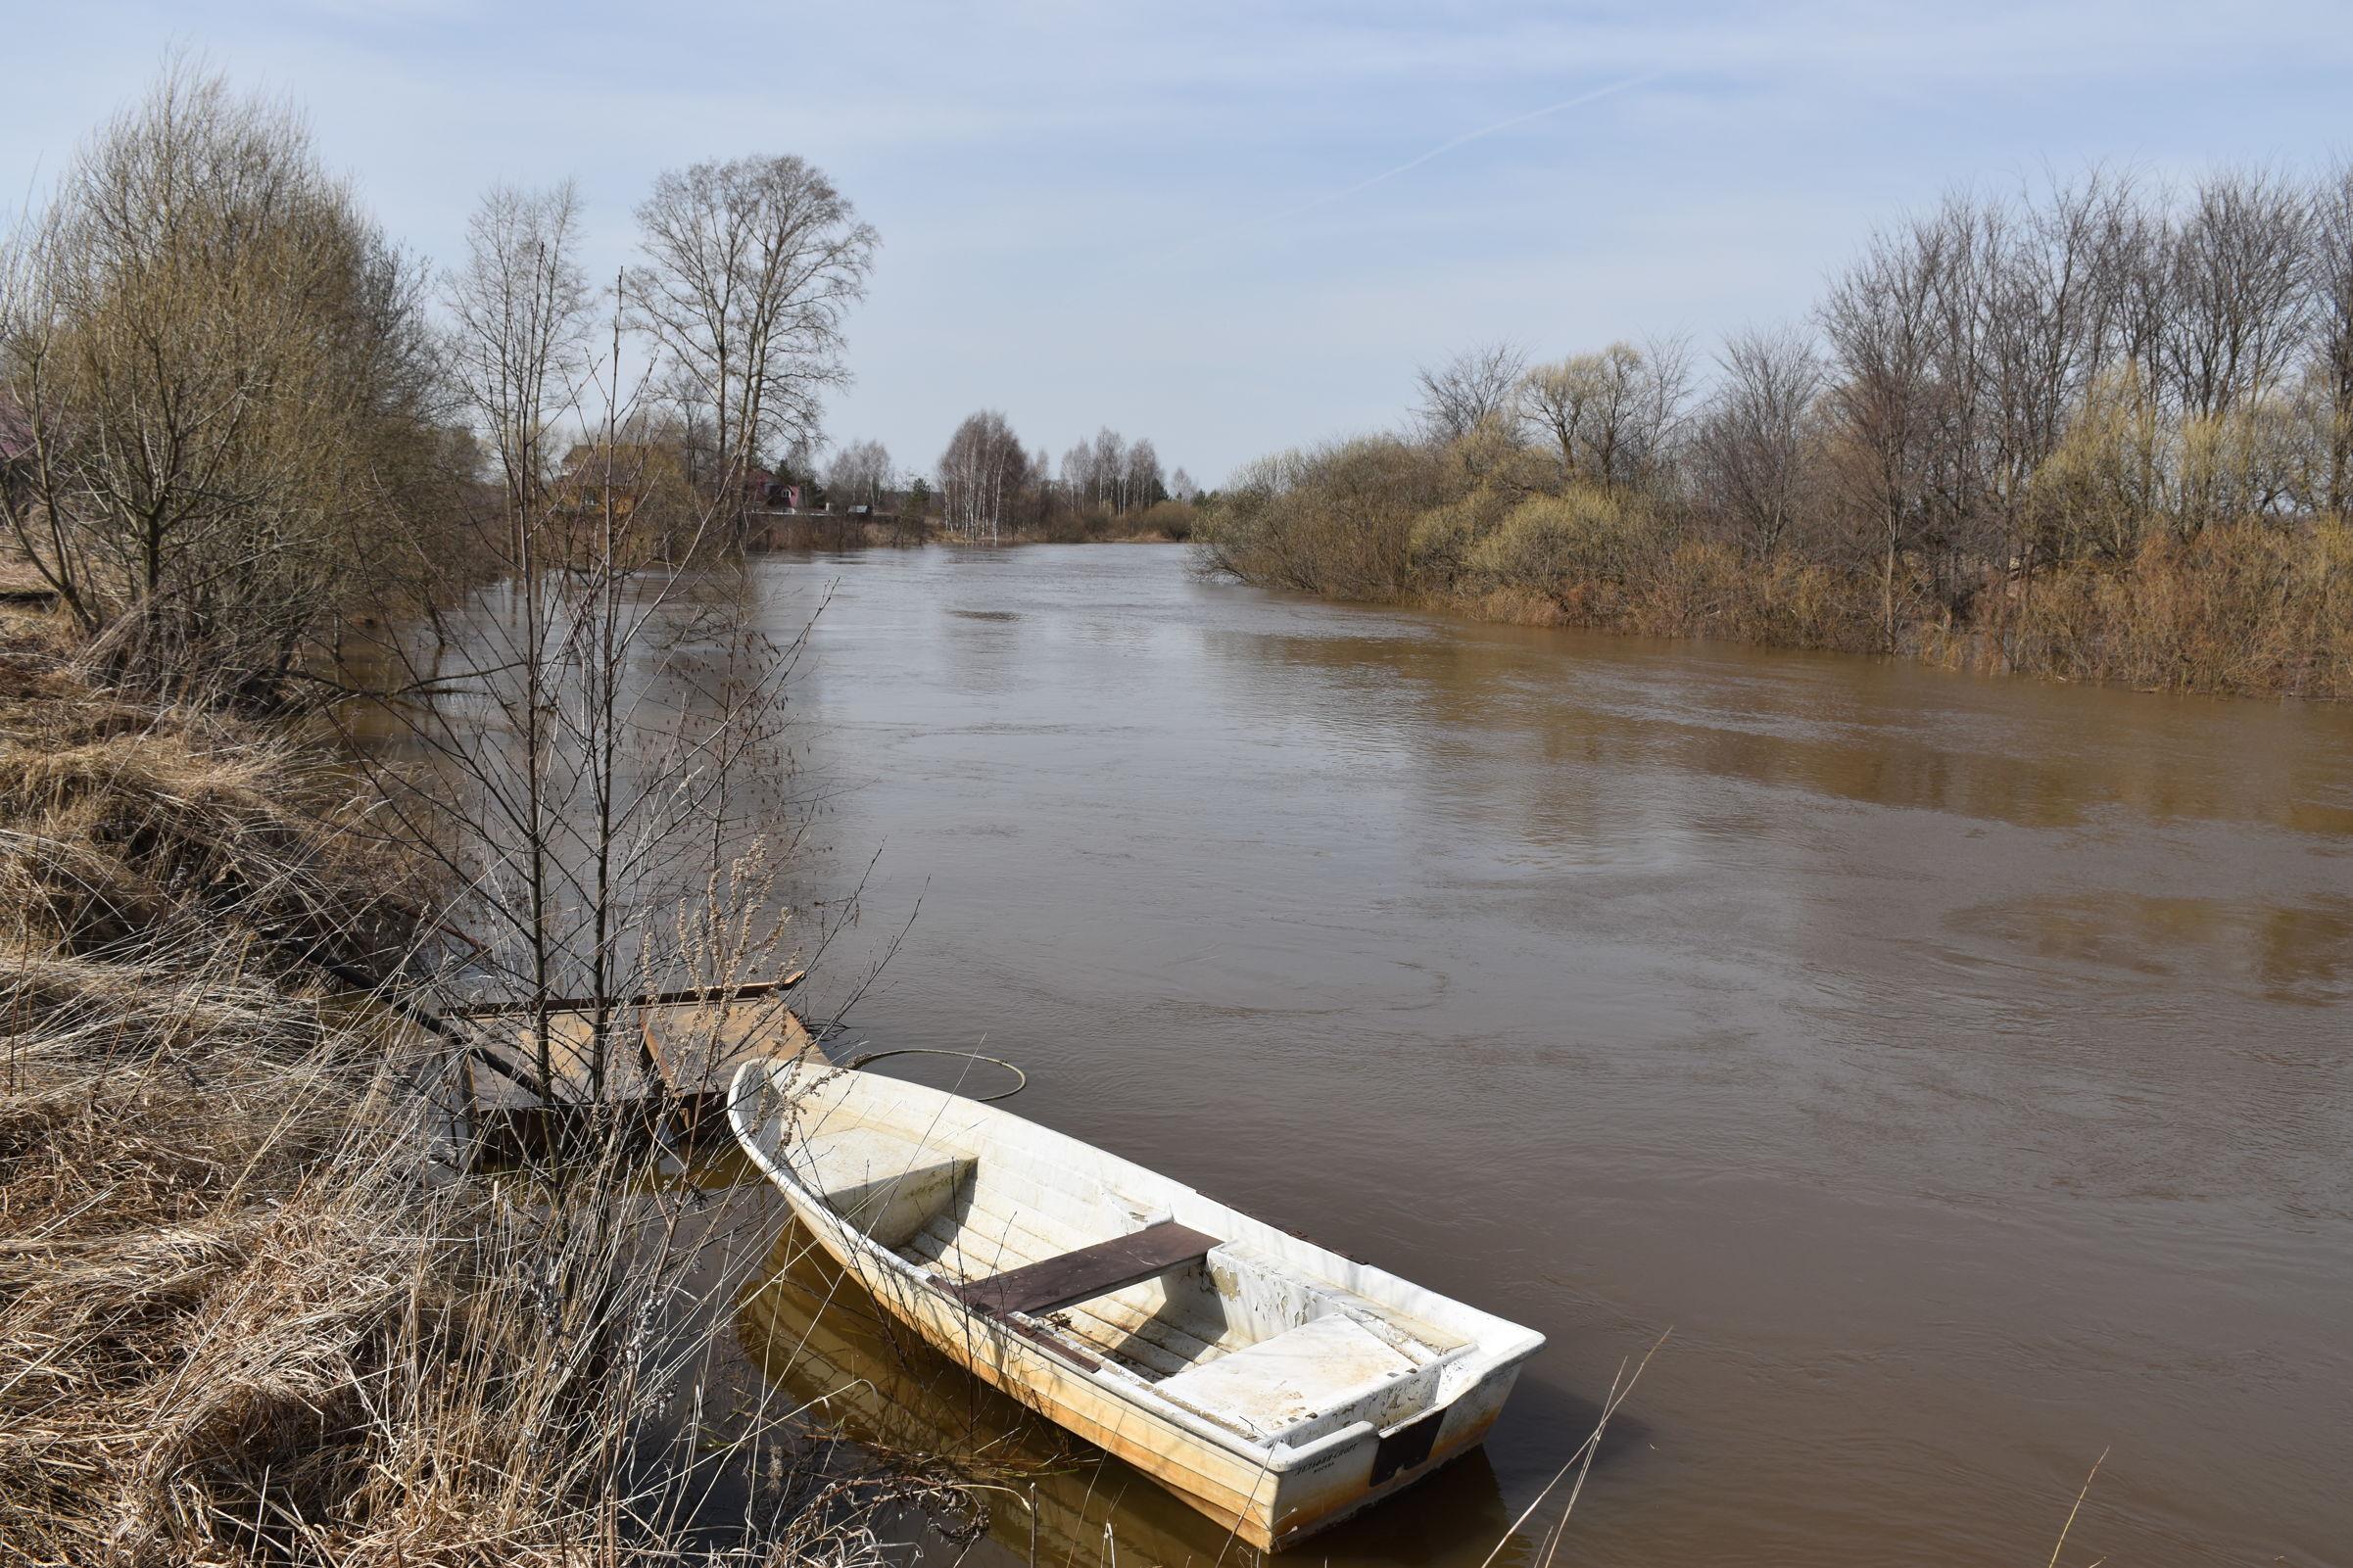 Реку Устье в Ярославской области обследовали на наличие загрязнений с помощью коптера